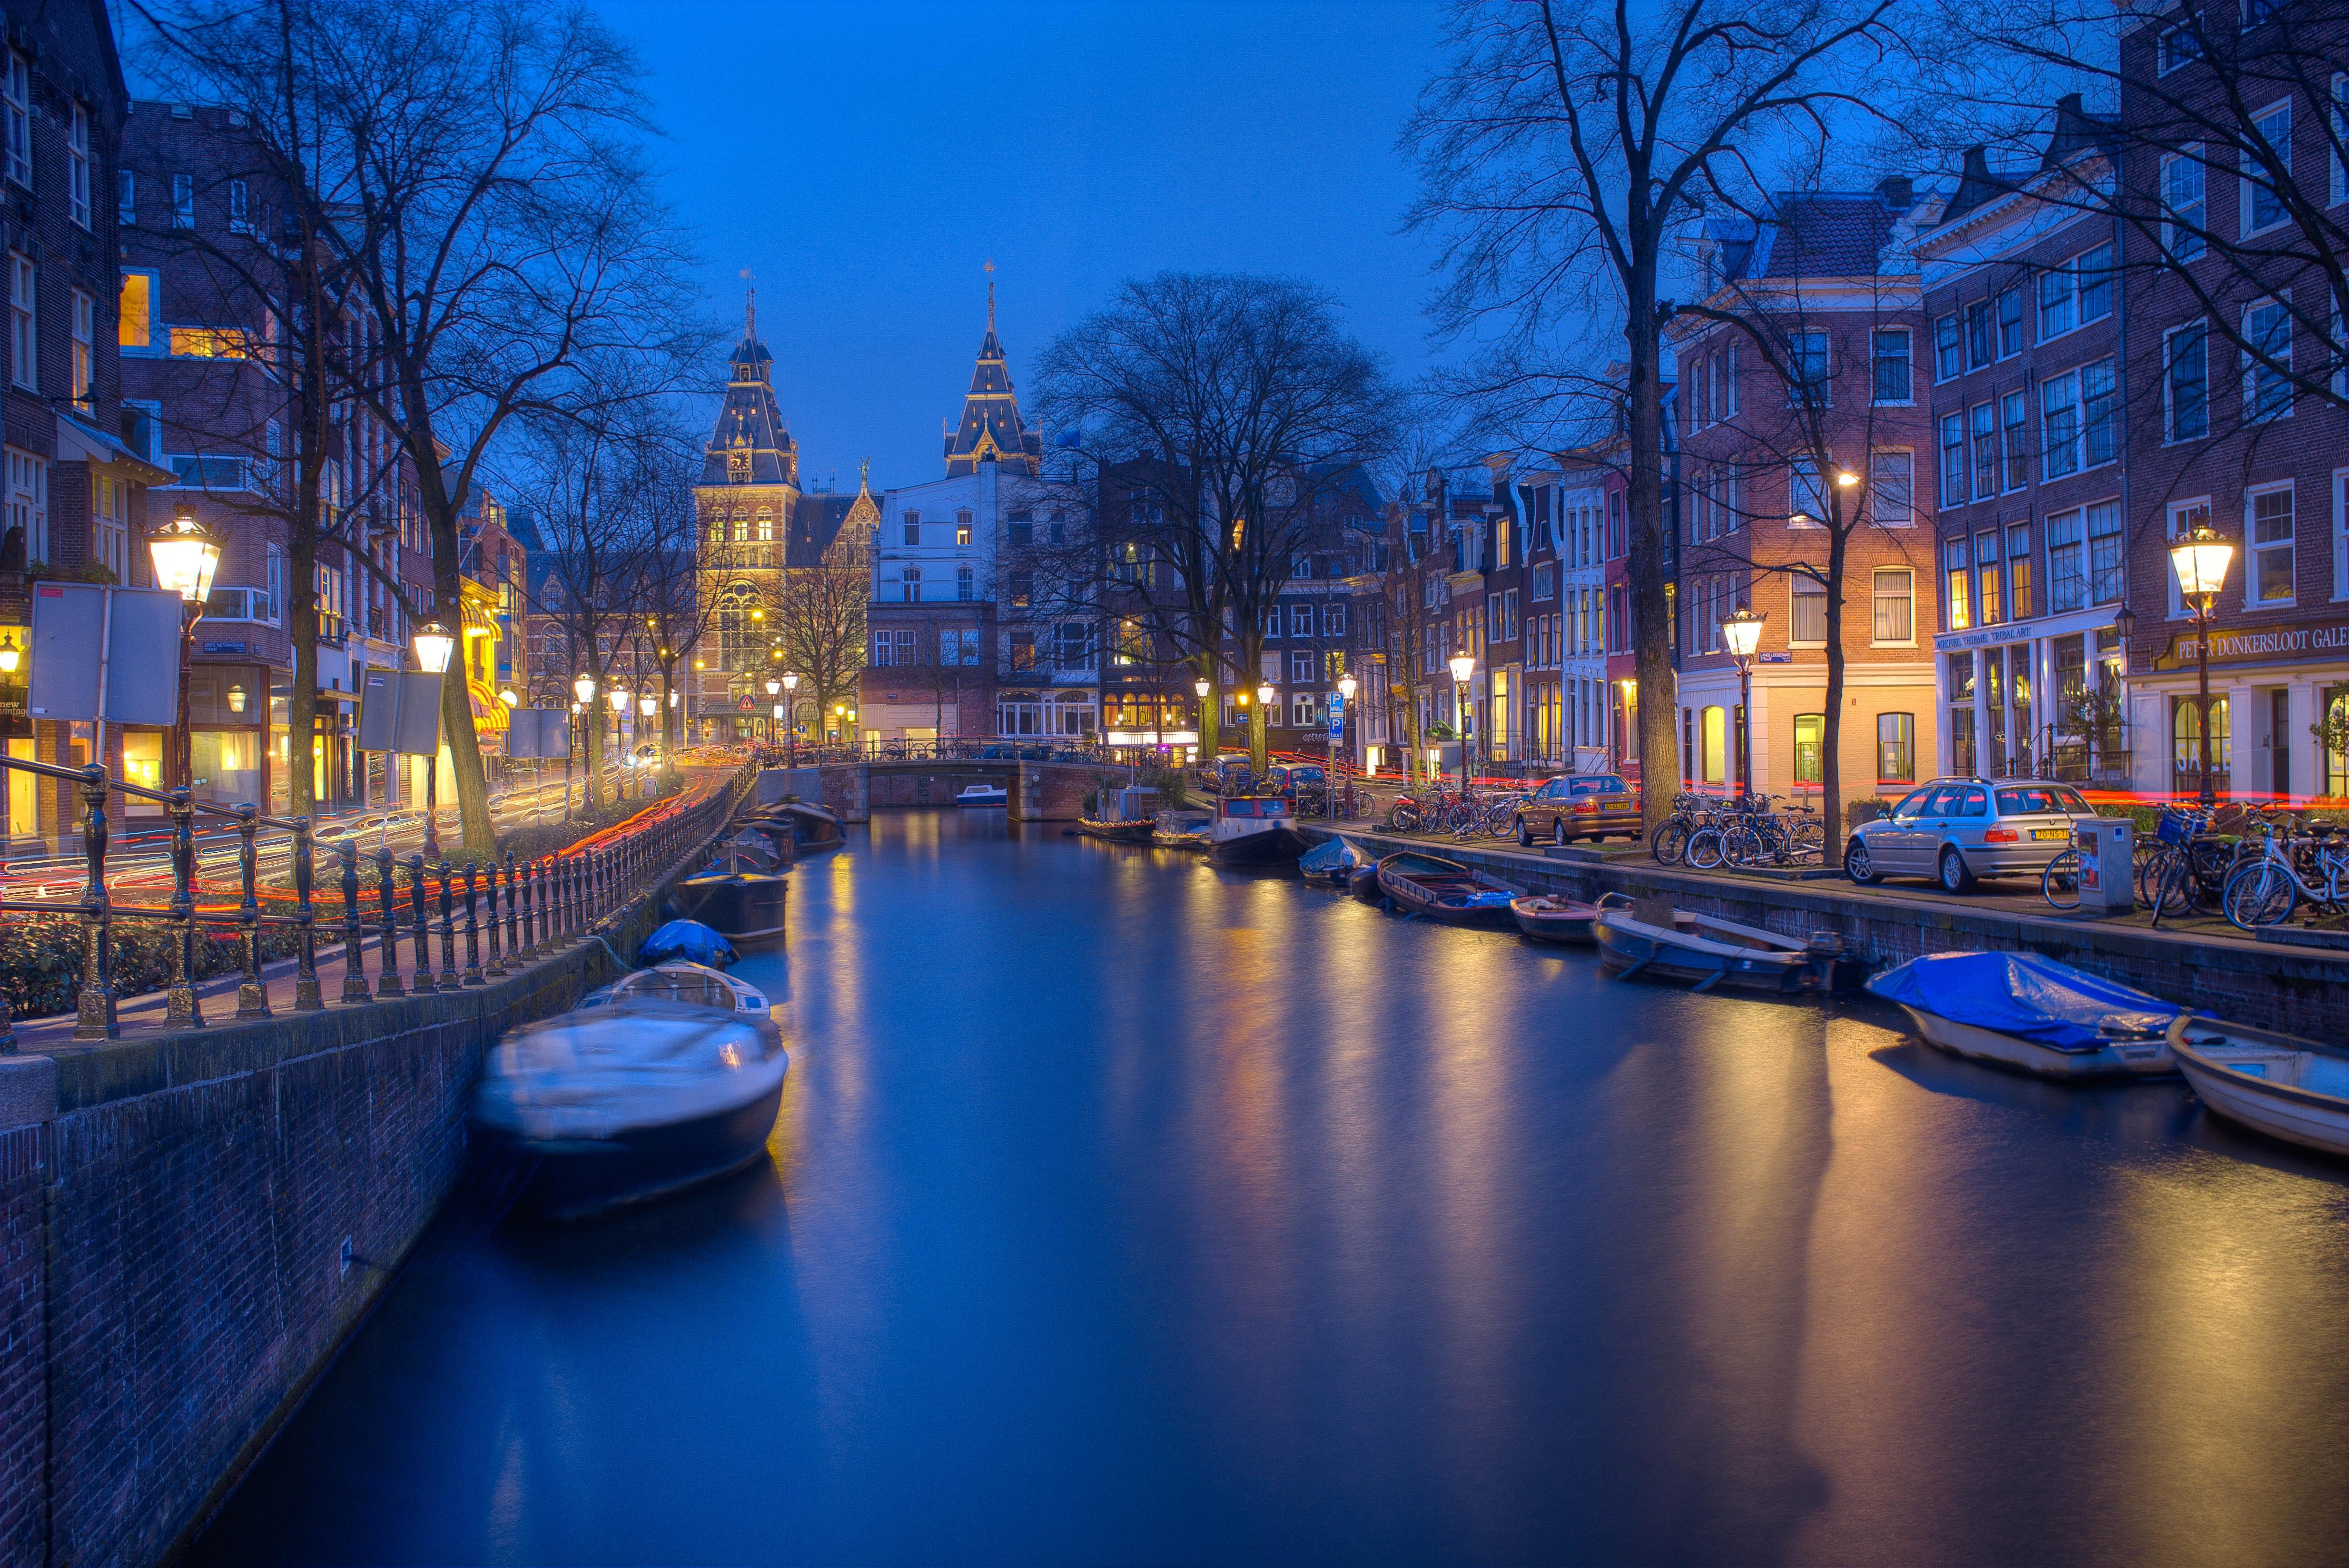 Nach Einführung einer Touristensteuer am 1. Januar für Kreuzfahrttouristen, laufen MSC Cruises sowie CMV die Stadt mit ihren Schiffen nicht mehr an.